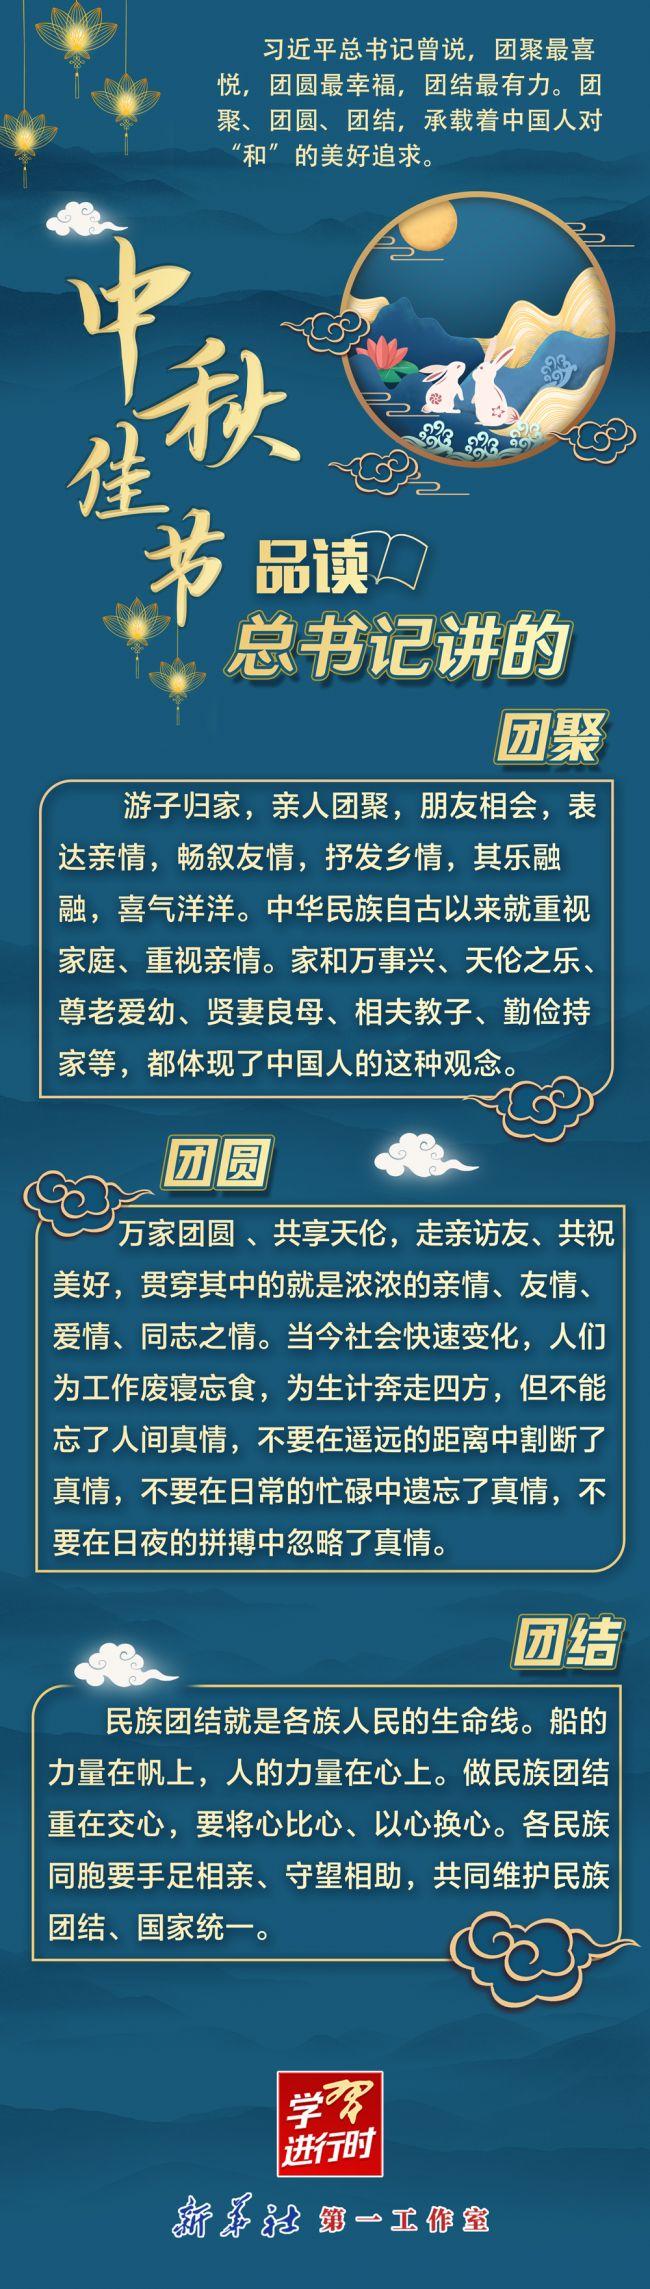 《【凤凰联盟注册平台】学习进行时| 中秋佳节,品读总书记讲的团聚、团圆、团结》